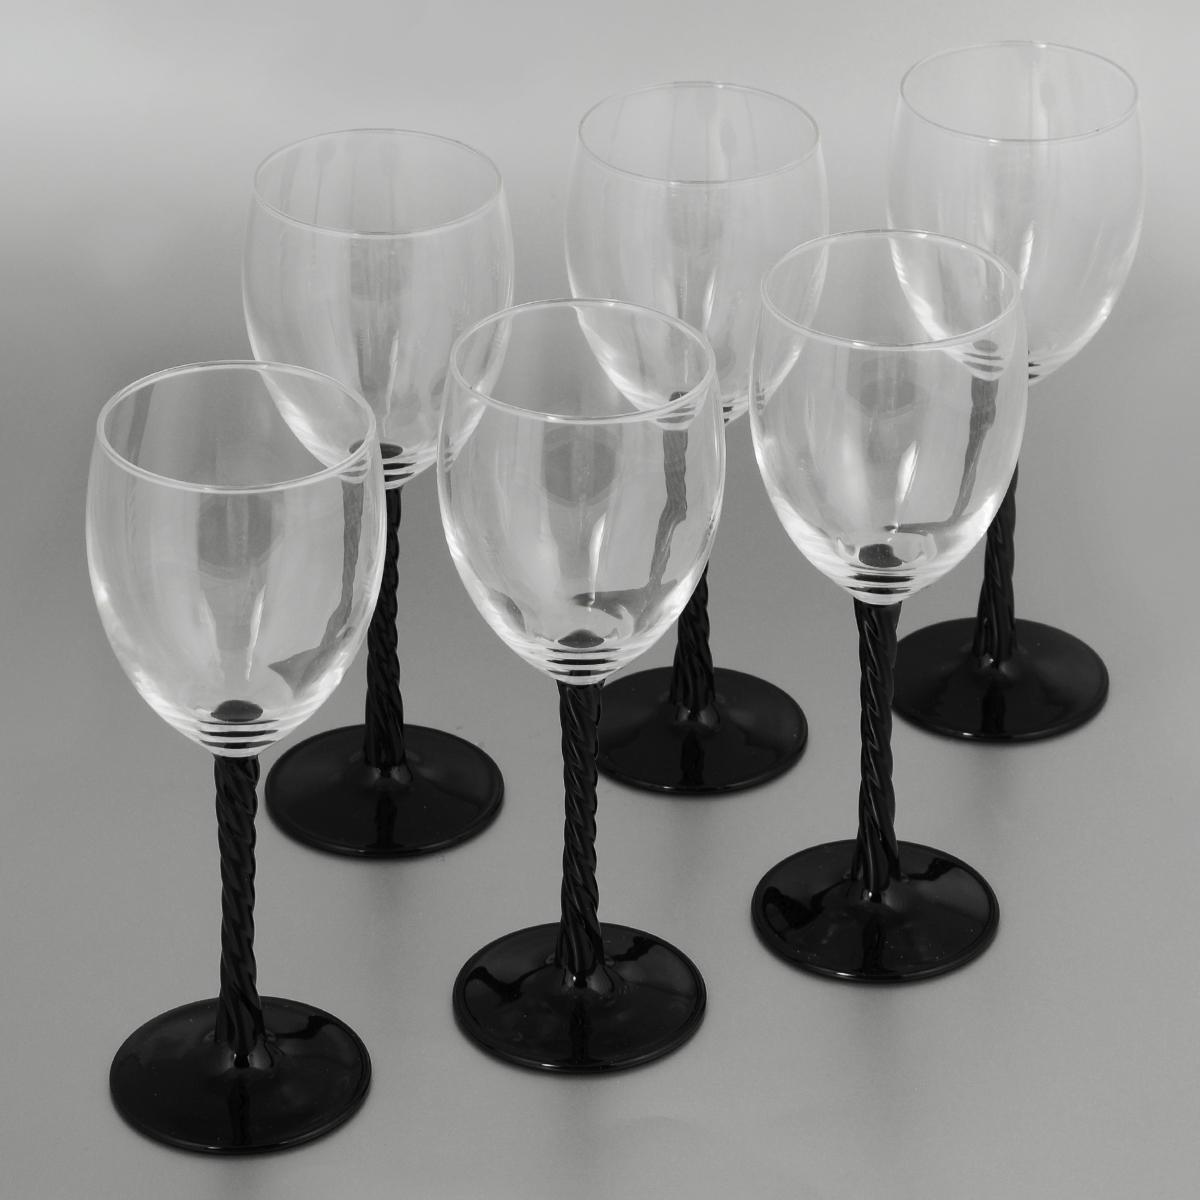 Набор фужеров Luminarc Authentic Black, 250 мл, 6 штH5Набор Luminarc Authentic Black состоит из шести фужеров, выполненных из прочного стекла. Изделия оснащены высокими рельефными ножками и предназначены для подачи вина. Они сочетают в себе элегантный дизайн и функциональность. Благодаря такому набору пить напитки будет еще вкуснее. Набор фужеров Luminarc Authentic Black прекрасно оформит праздничный стол и создаст приятную атмосферу за романтическим ужином. Такой набор также станет хорошим подарком к любому случаю. Можно мыть в посудомоечной машине. Диаметр фужера (по верхнему краю): 6,5 см. Высота фужера: 19,5 см.